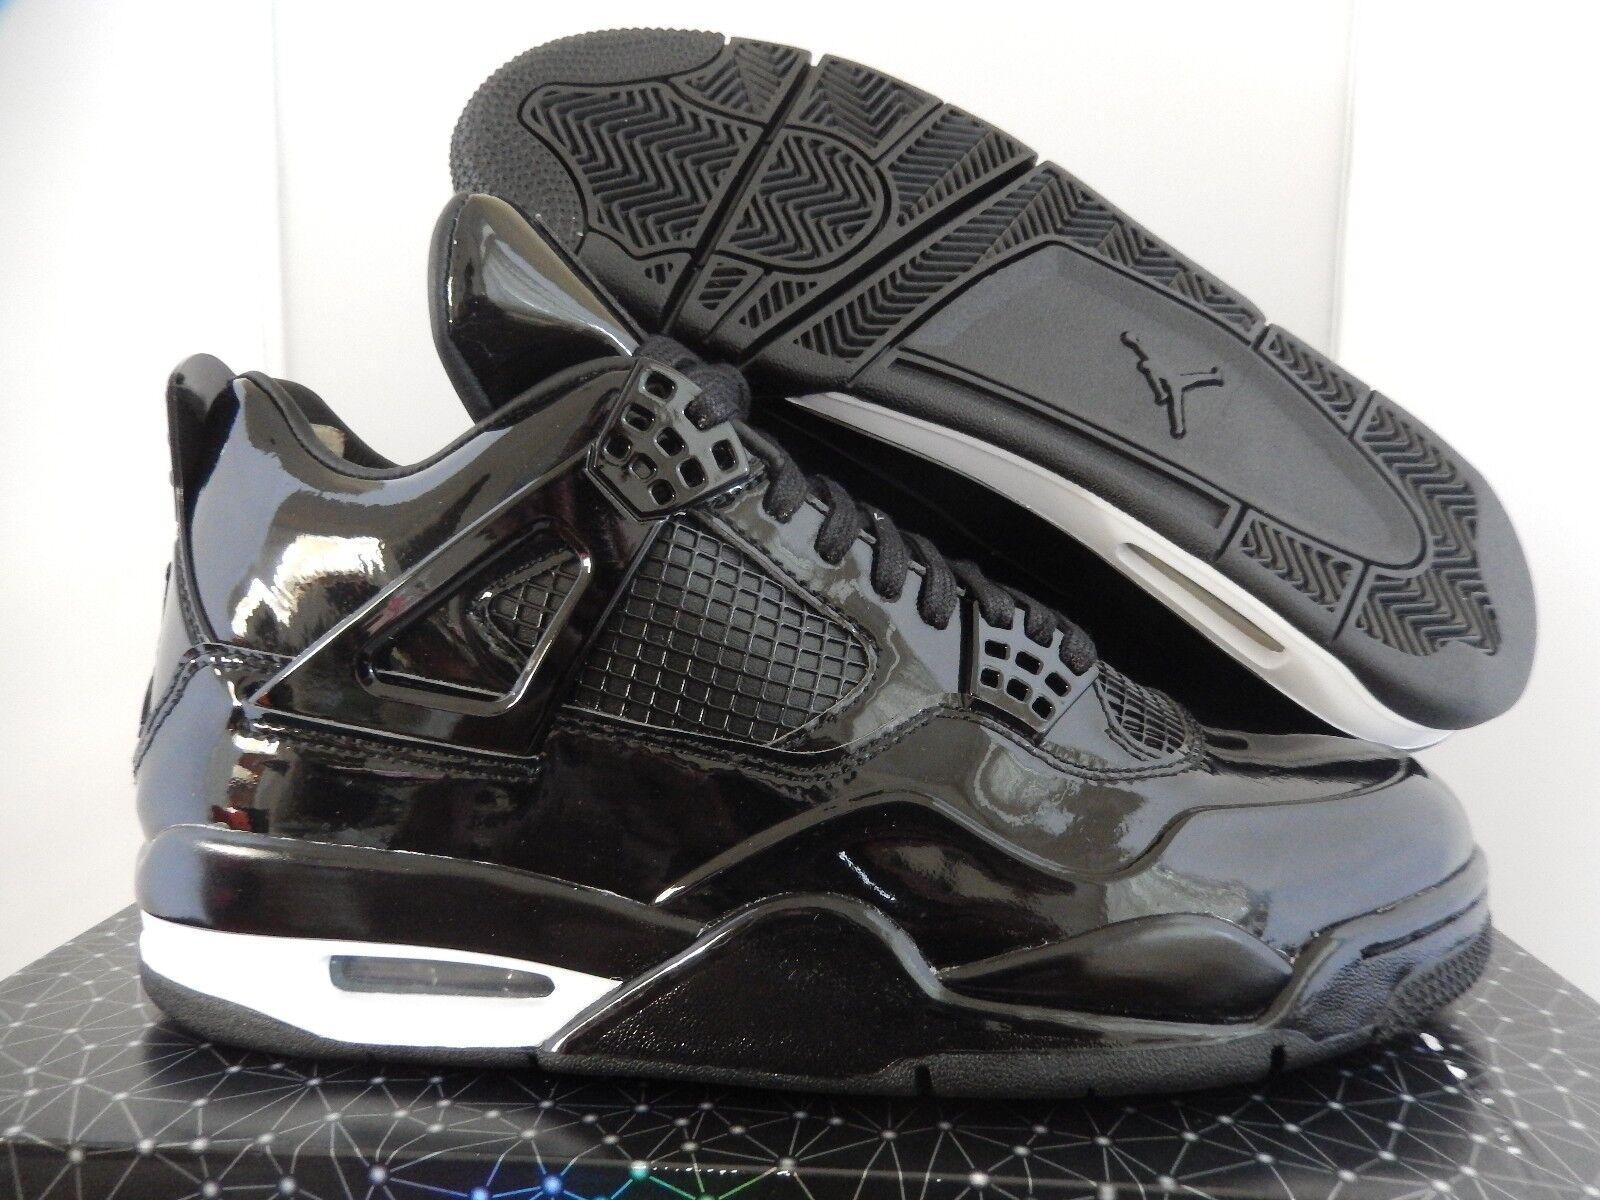 5439ba82d5e096 Nike Air Jordan Retro 4 11lab4 Black Patent Leather Shoes Mens Sz 10 ...